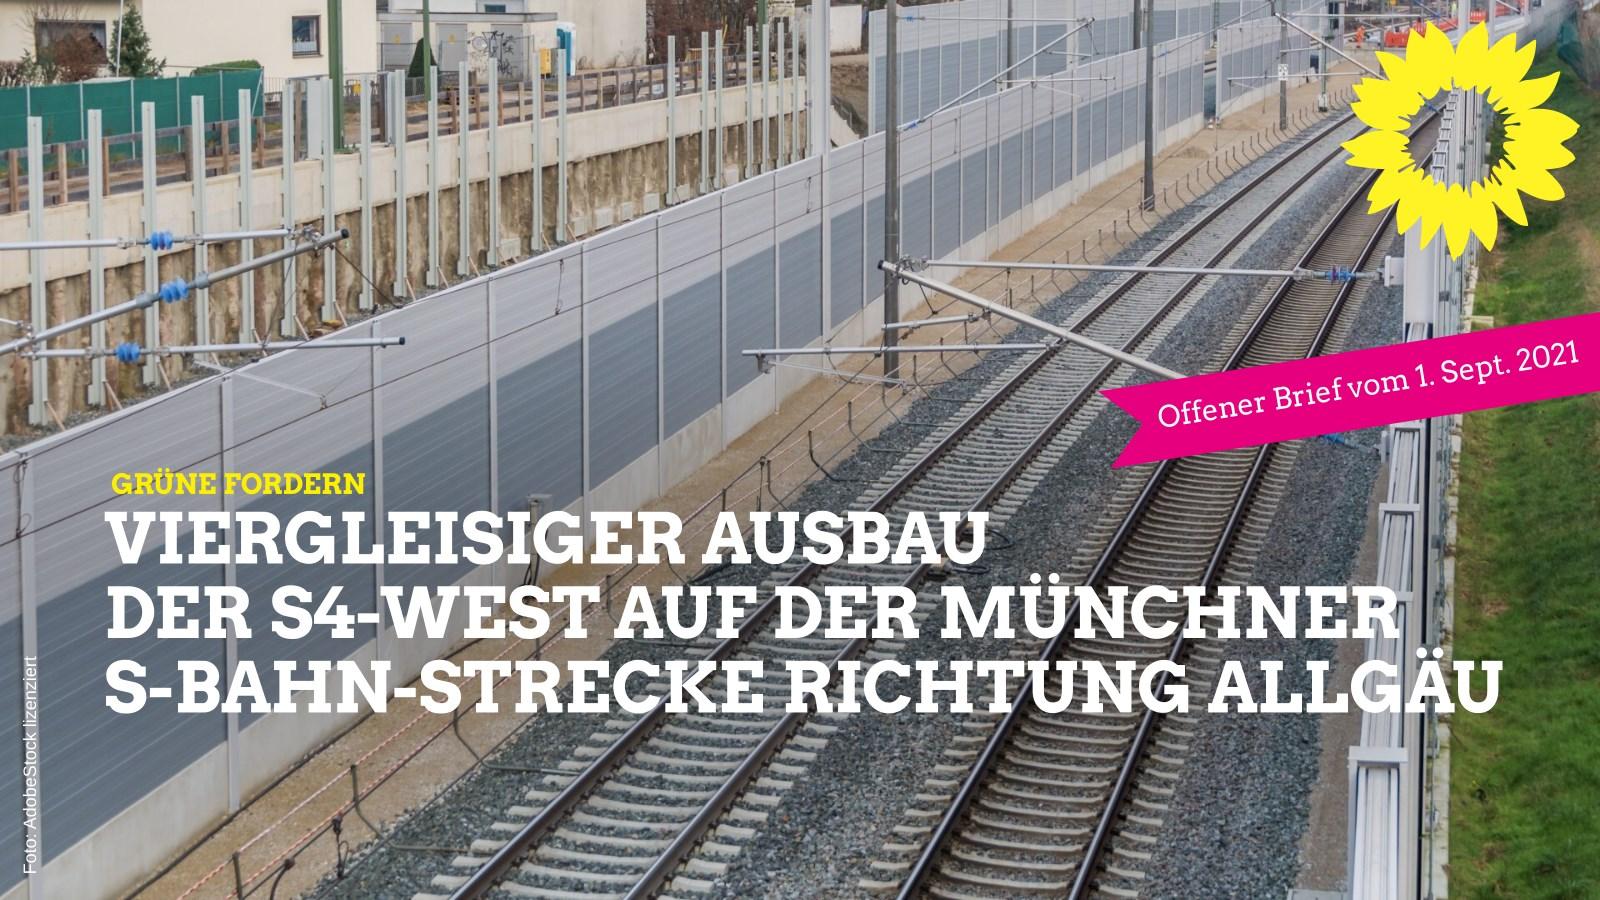 4-gleisiger Bahn-Ausbau jetzt!